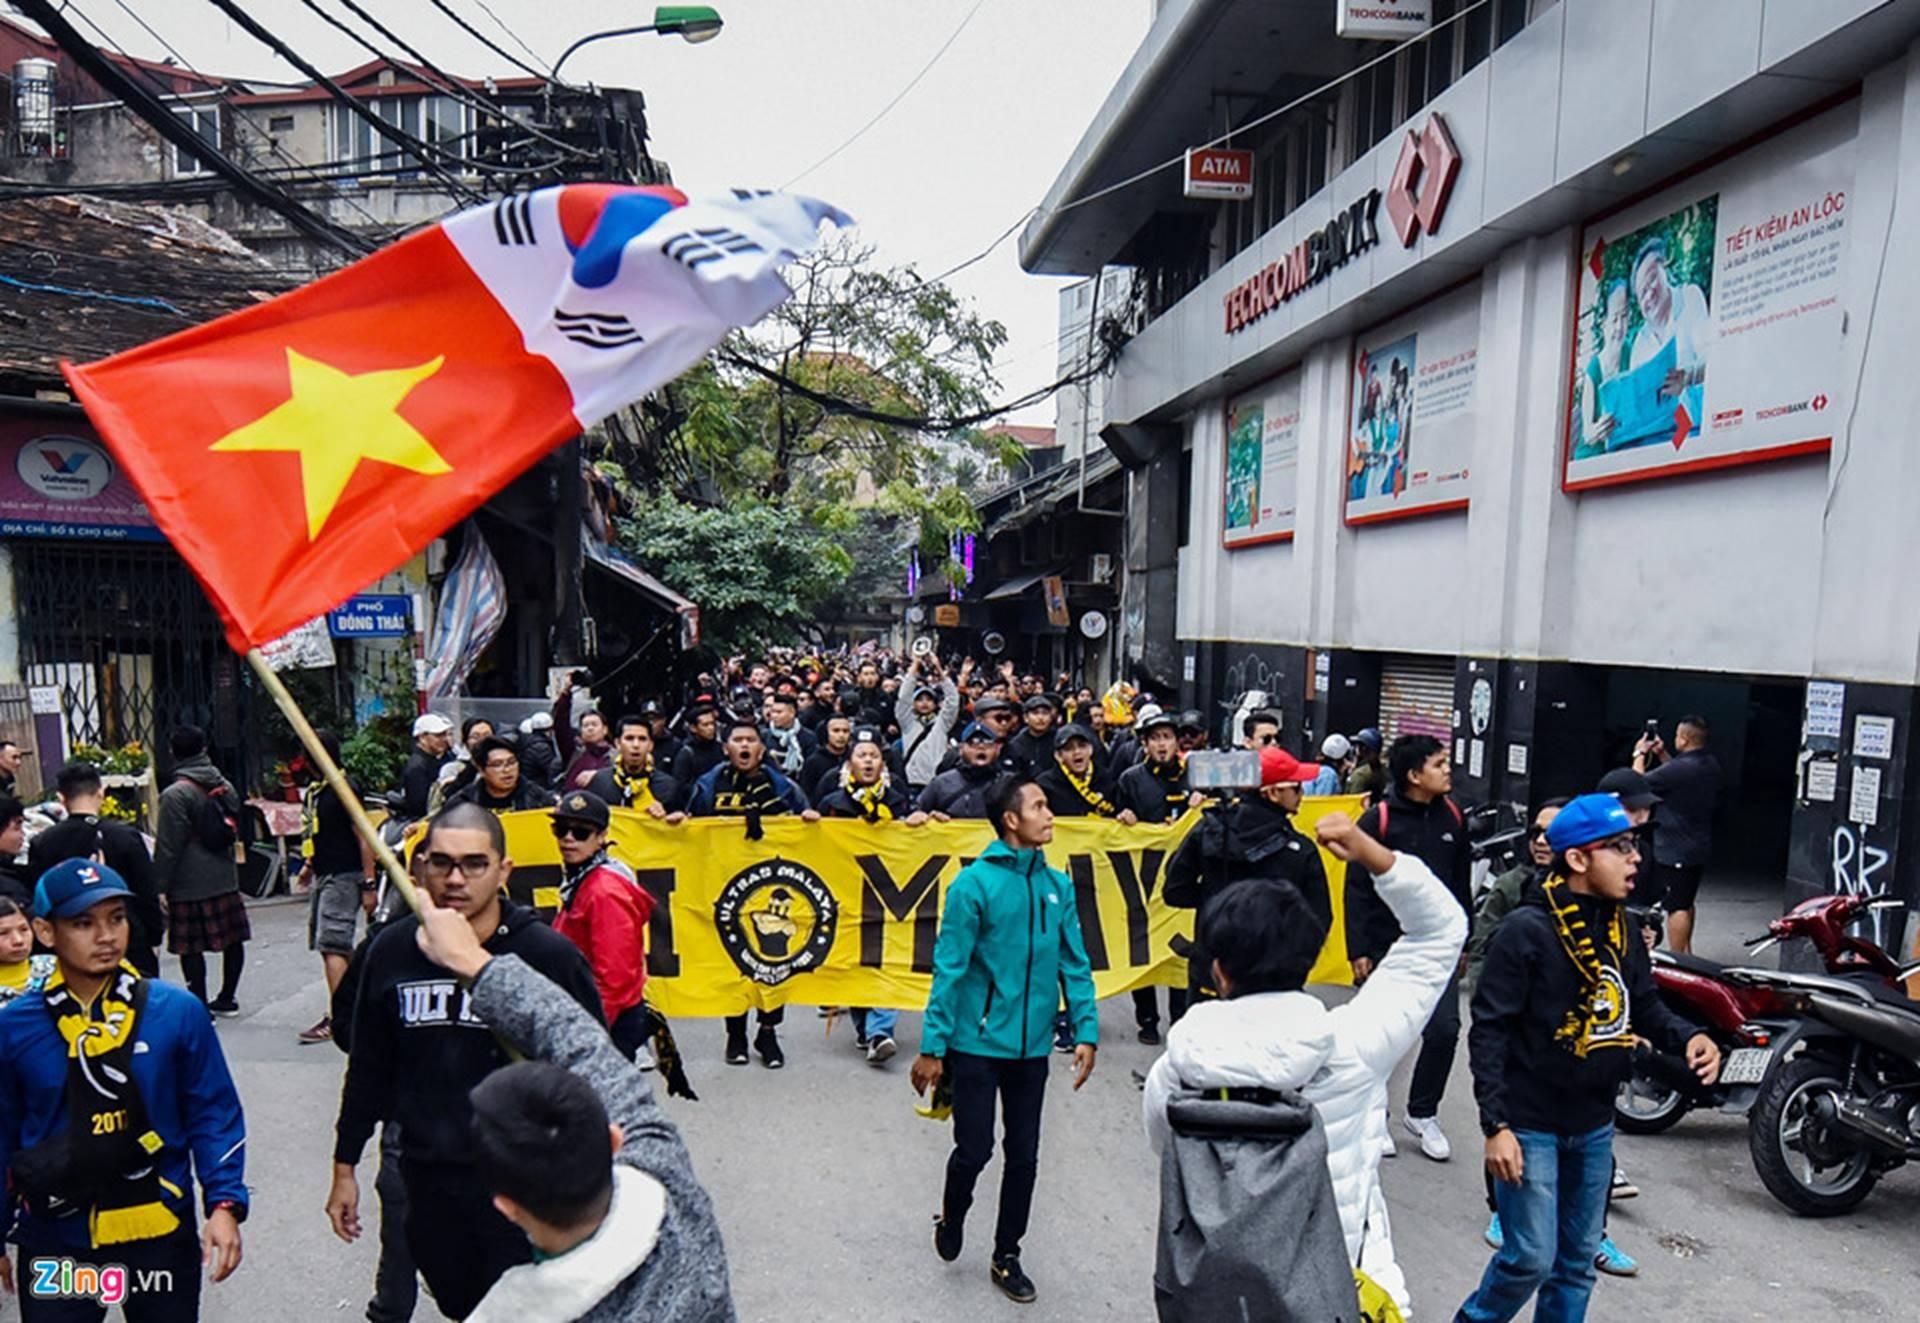 CĐV Malaysia náo loạn phố cổ Hà Nội trước trận chung kết-1